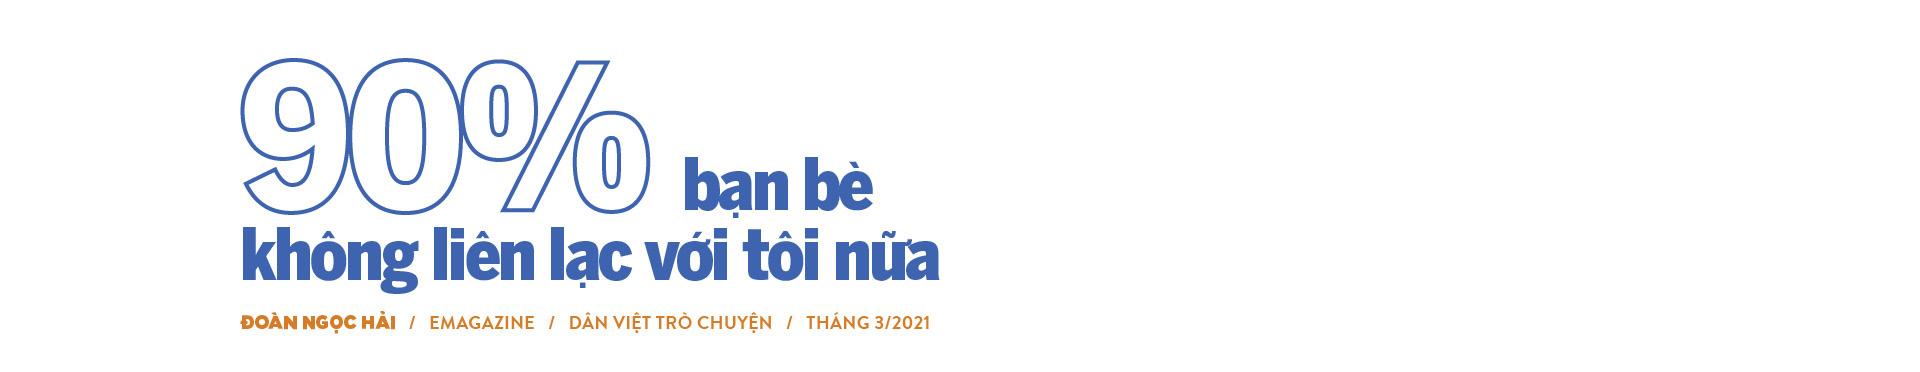 Ông Đoàn Ngọc Hải (nguyên Phó Chủ tịch UBND quận 1, TPHCM): Tôi đang đi trên một con đường rất ít người đi  - Ảnh 1.